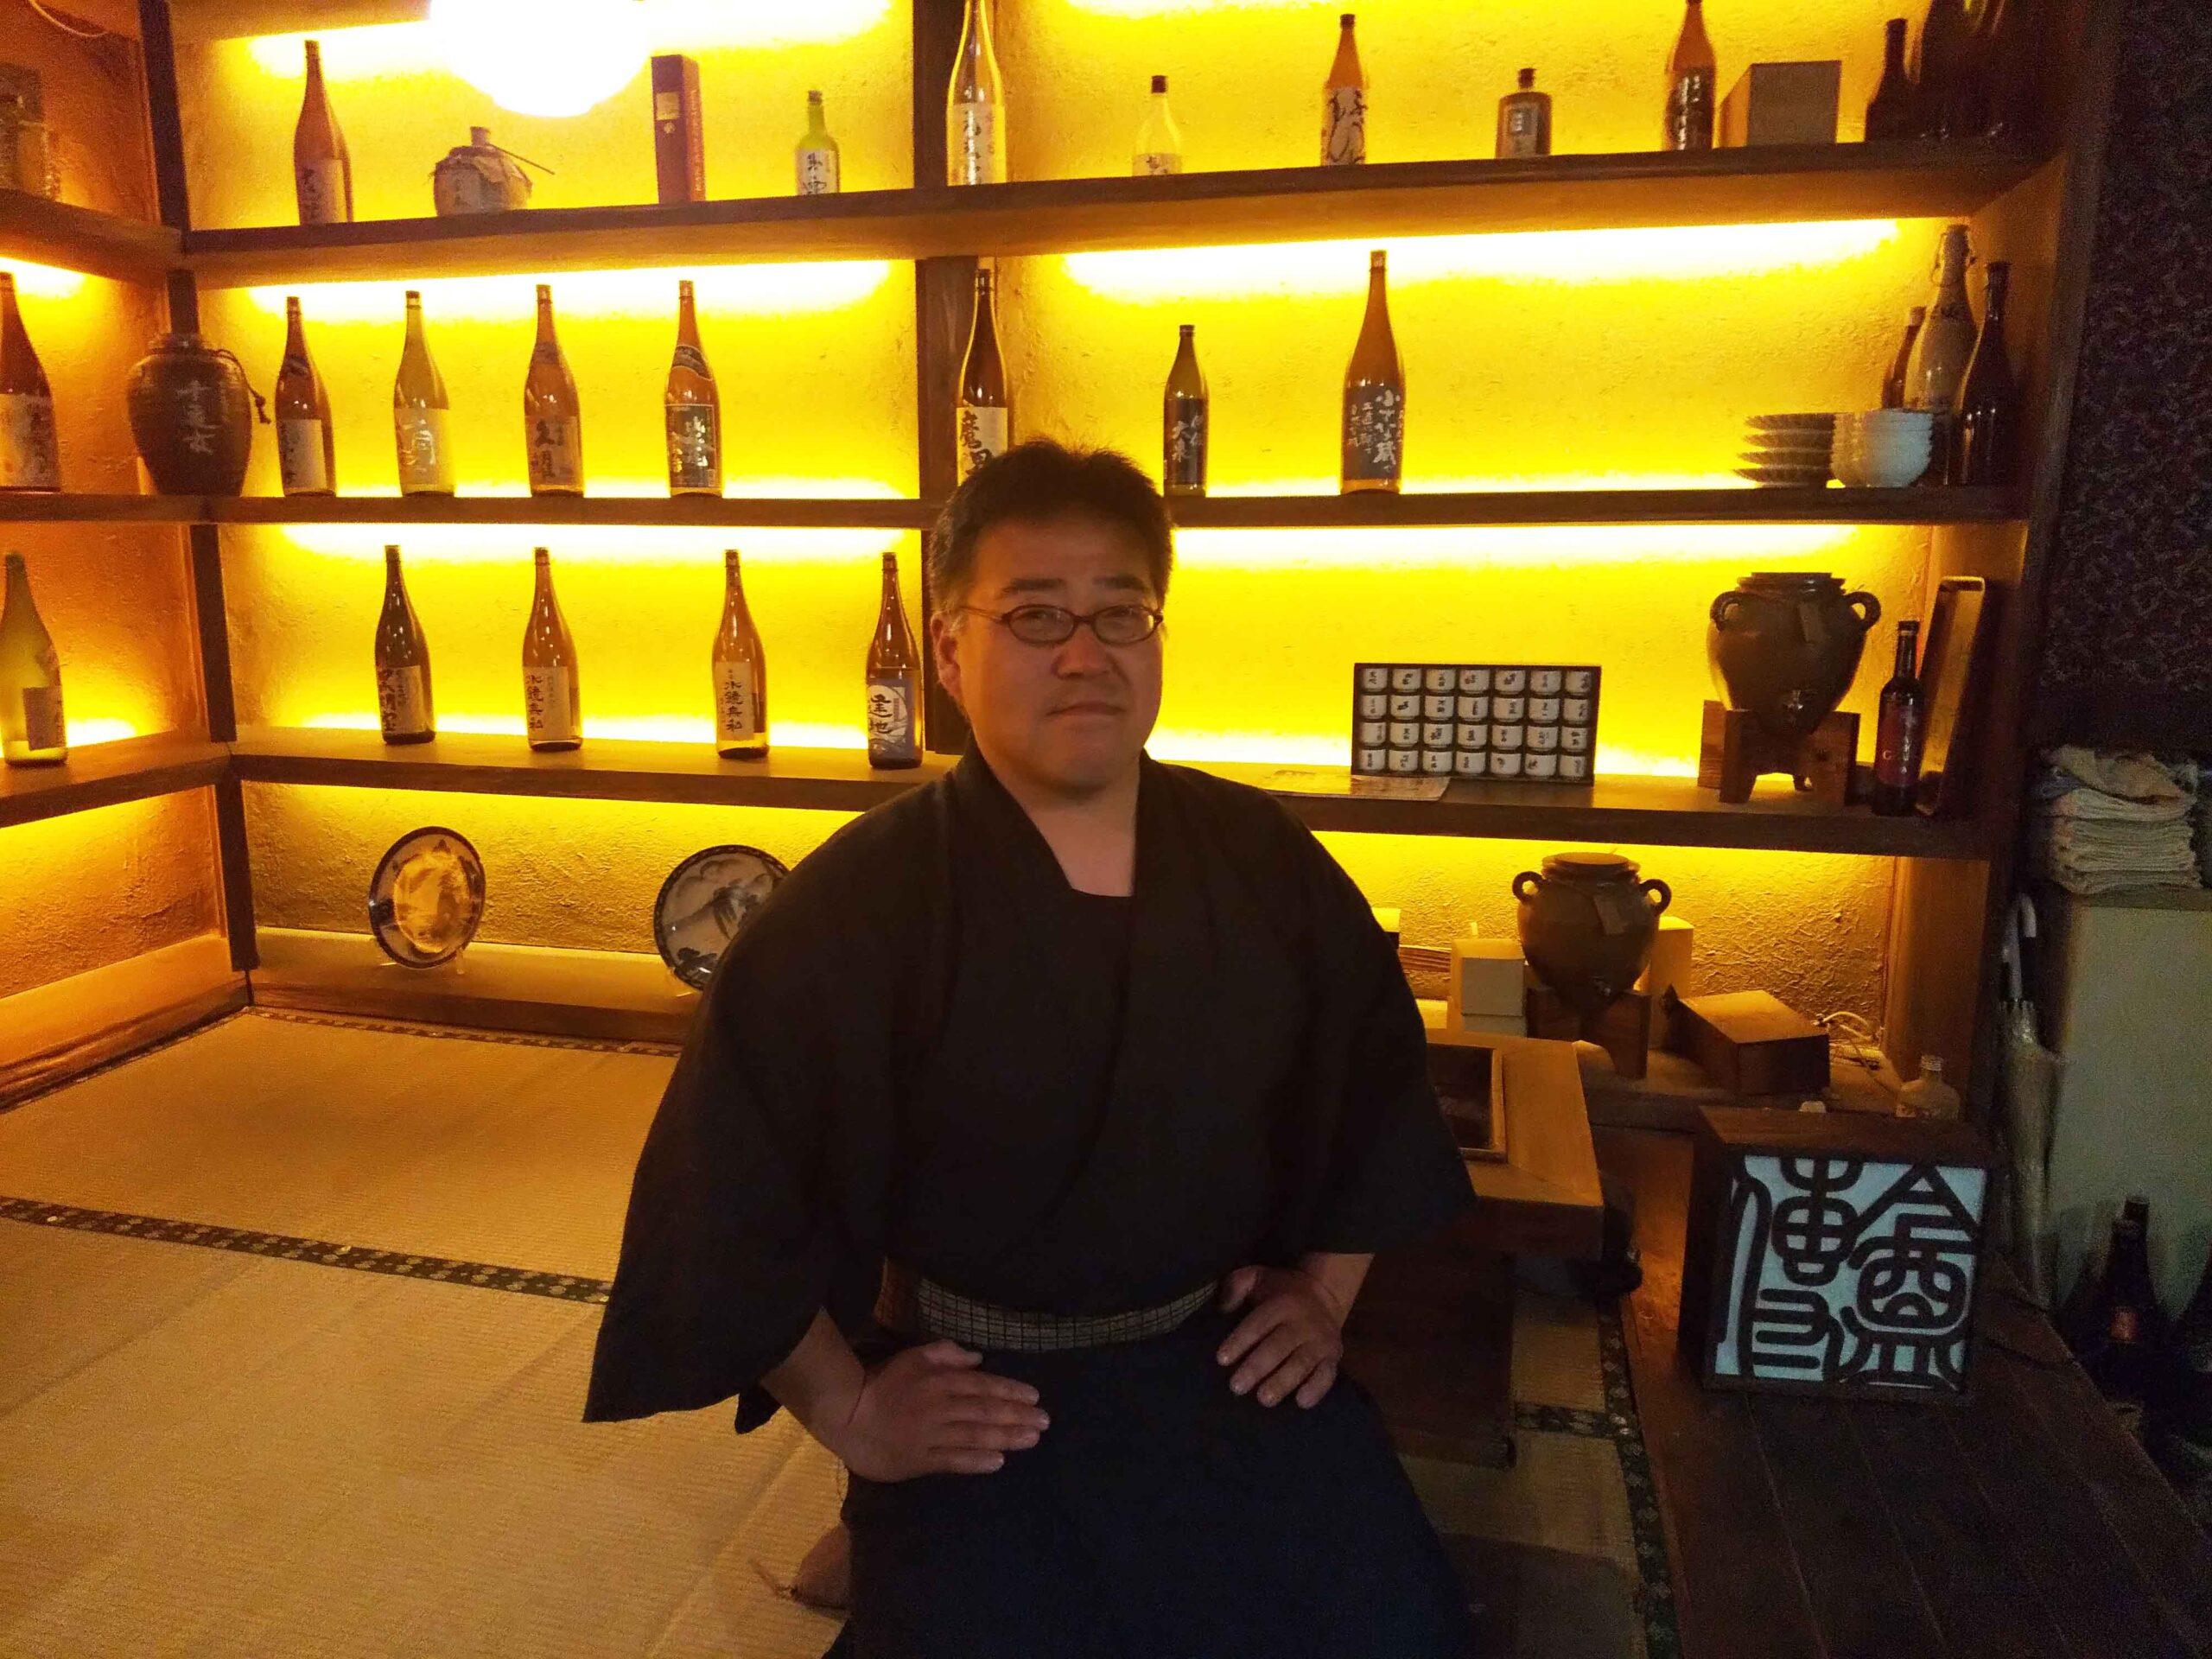 壁面に幻想的な光が広がる。店主渡邊さんから聞くお酒の話は勉強になります